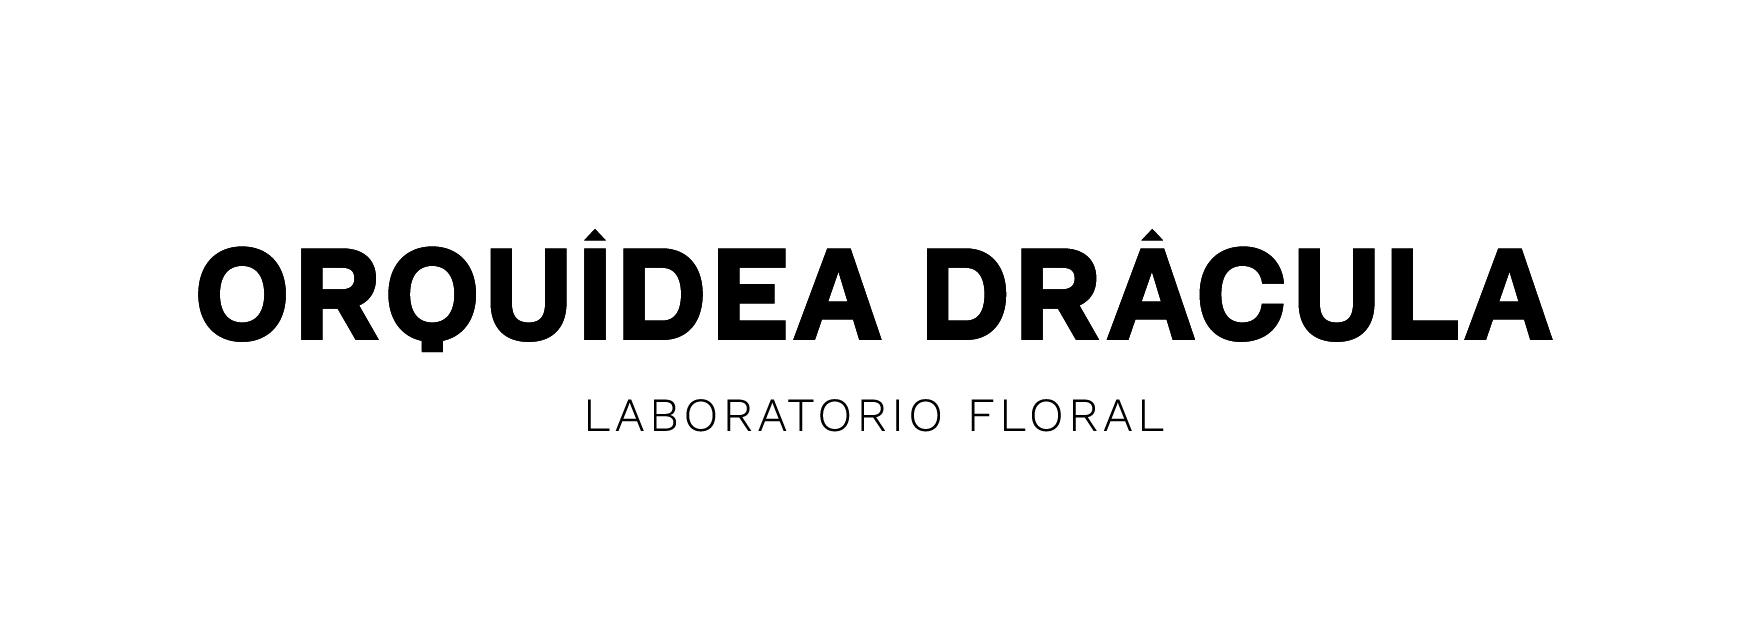 Orquidea Drácula - Laboratorio Floral -